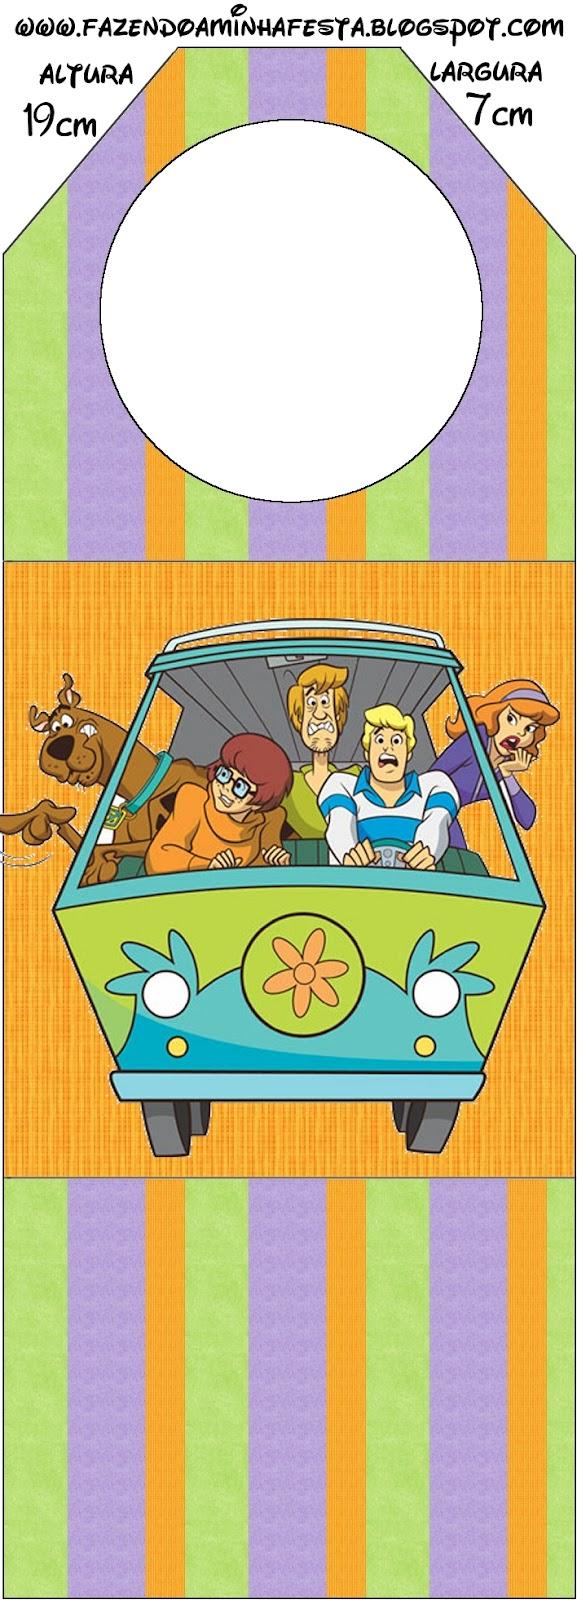 Imprimibles de Scooby Doo 2. | Ideas y material gratis para fiestas ...